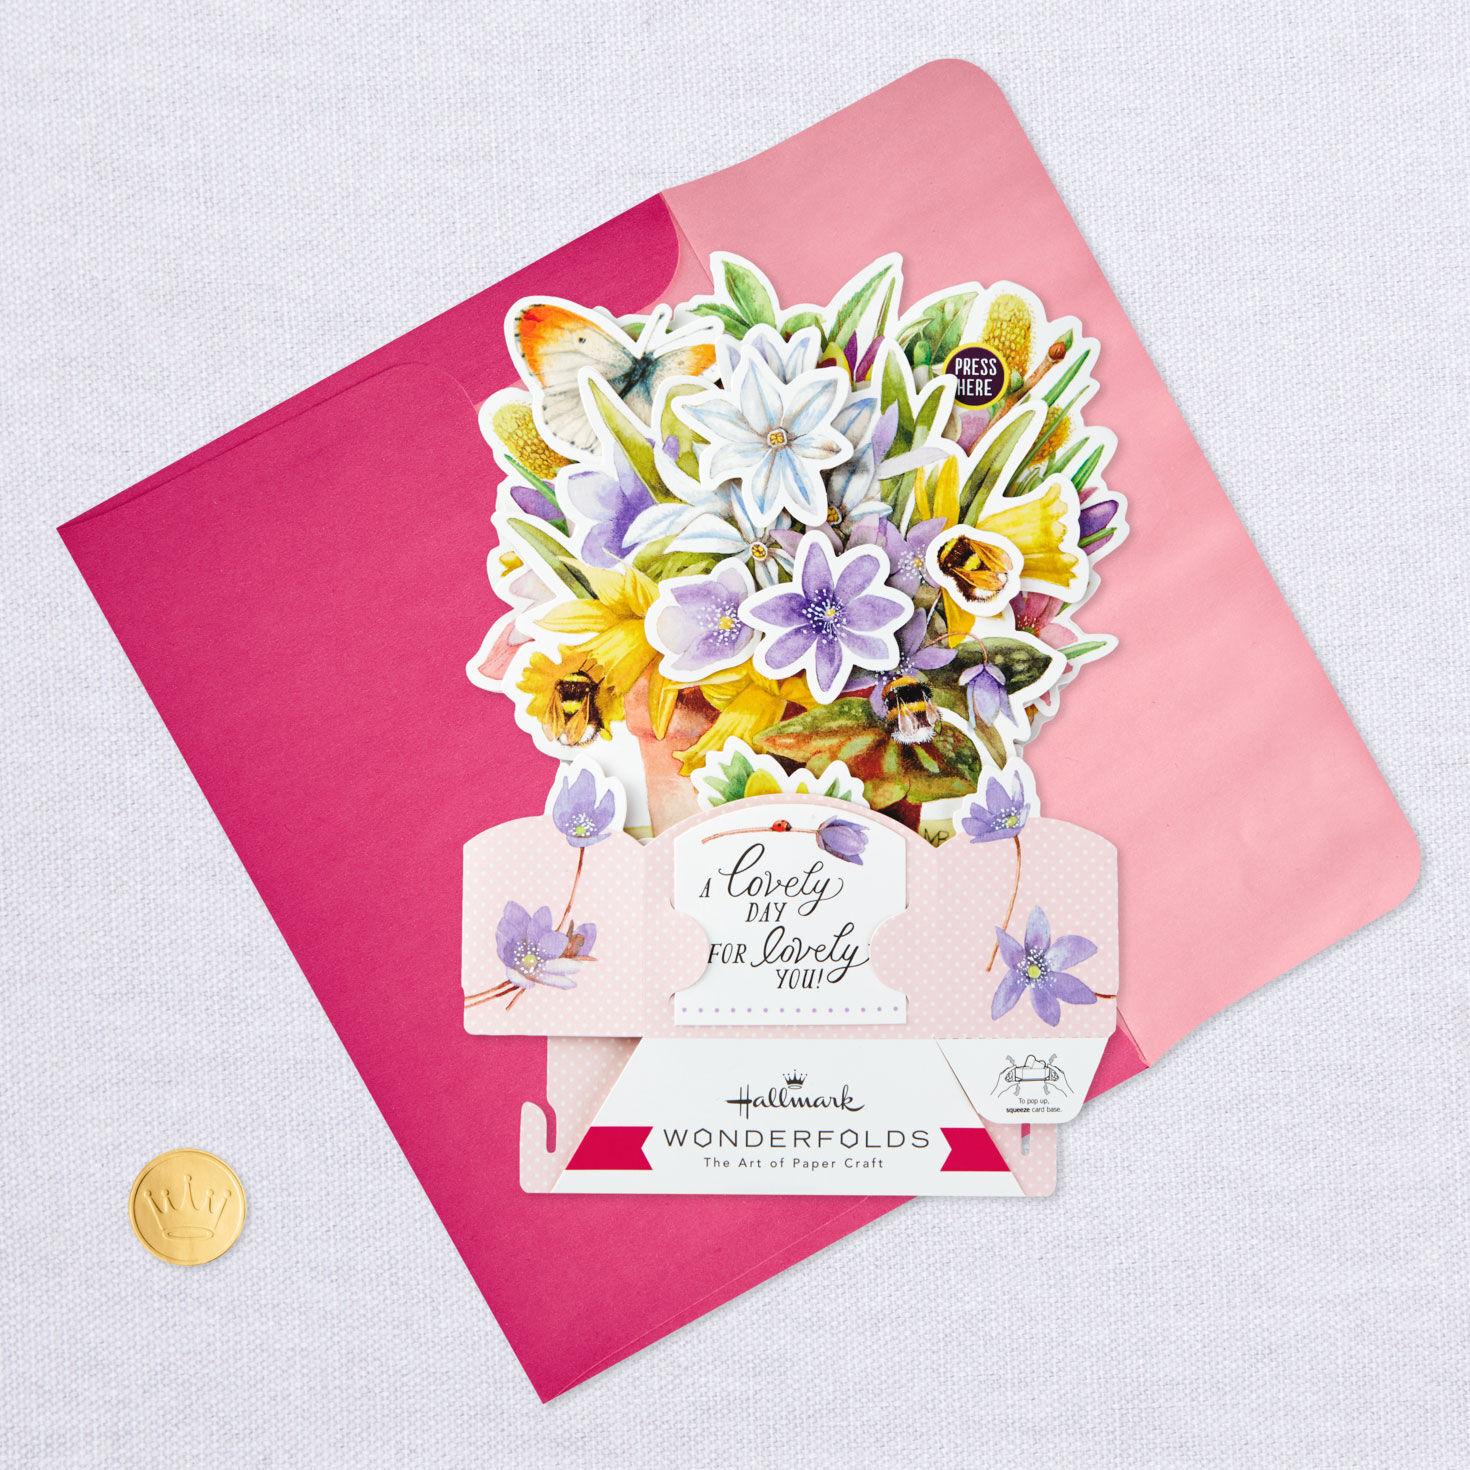 Happy Birthday Mother Teacup Flower Bouquet Marjolein Bastin Hallmark Card